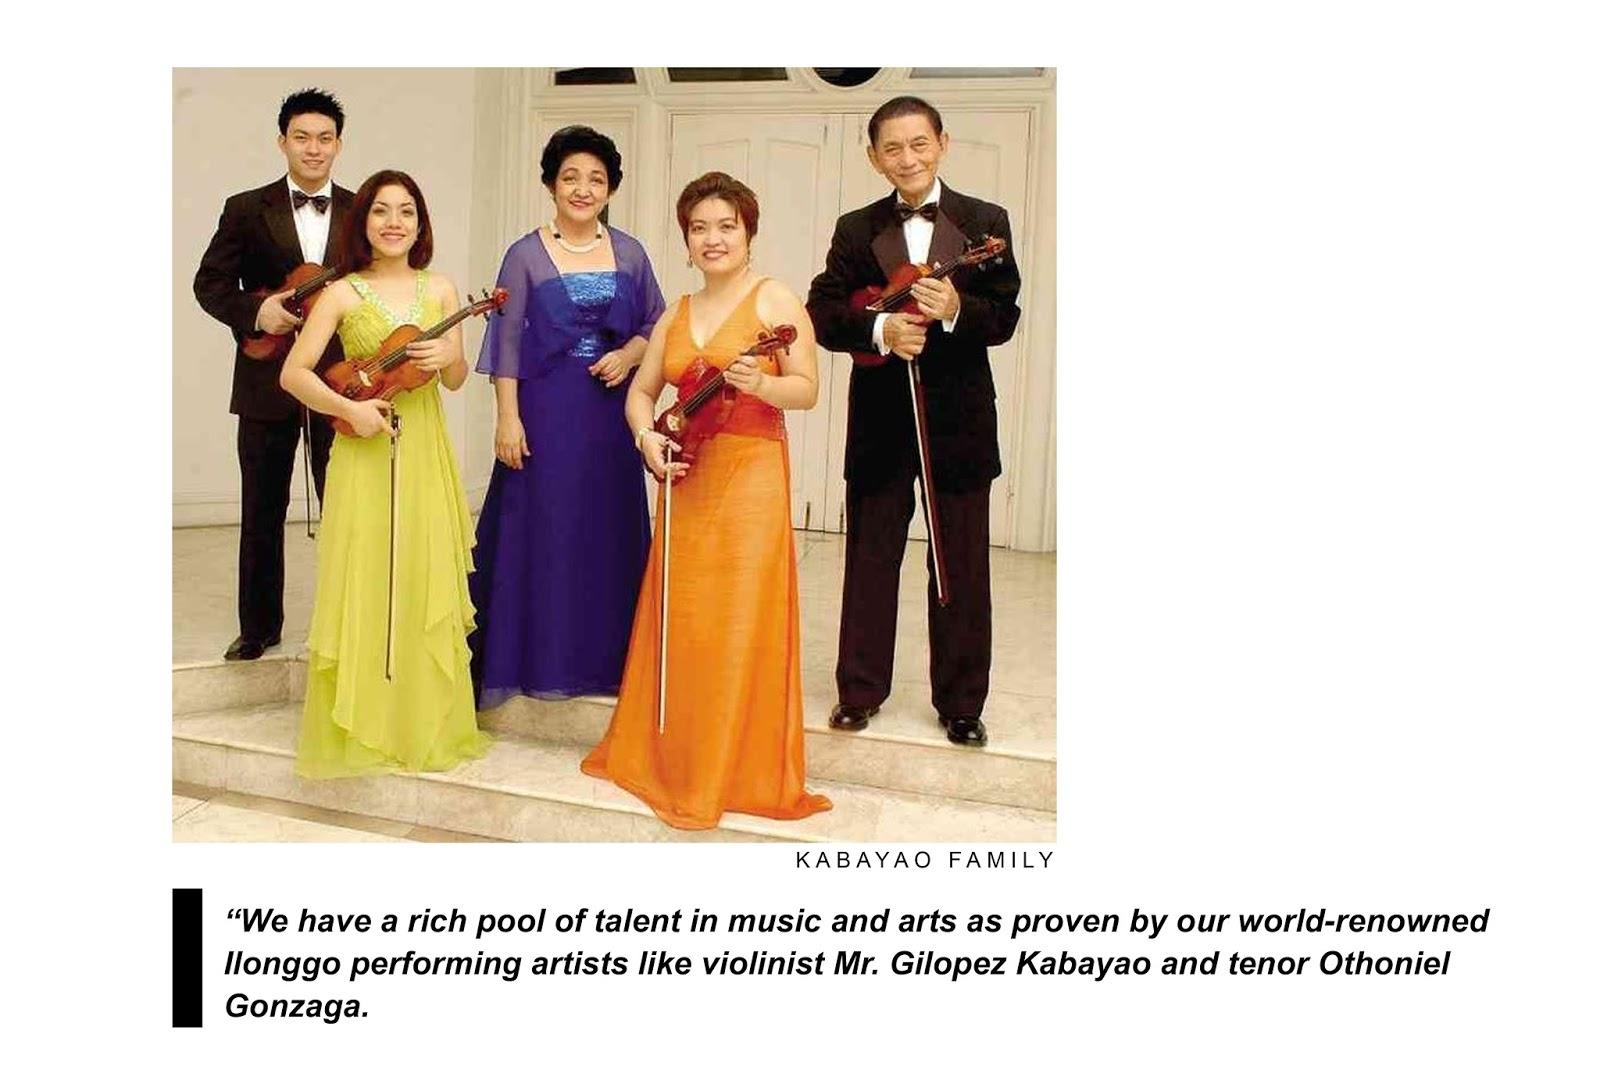 Kabayao Family